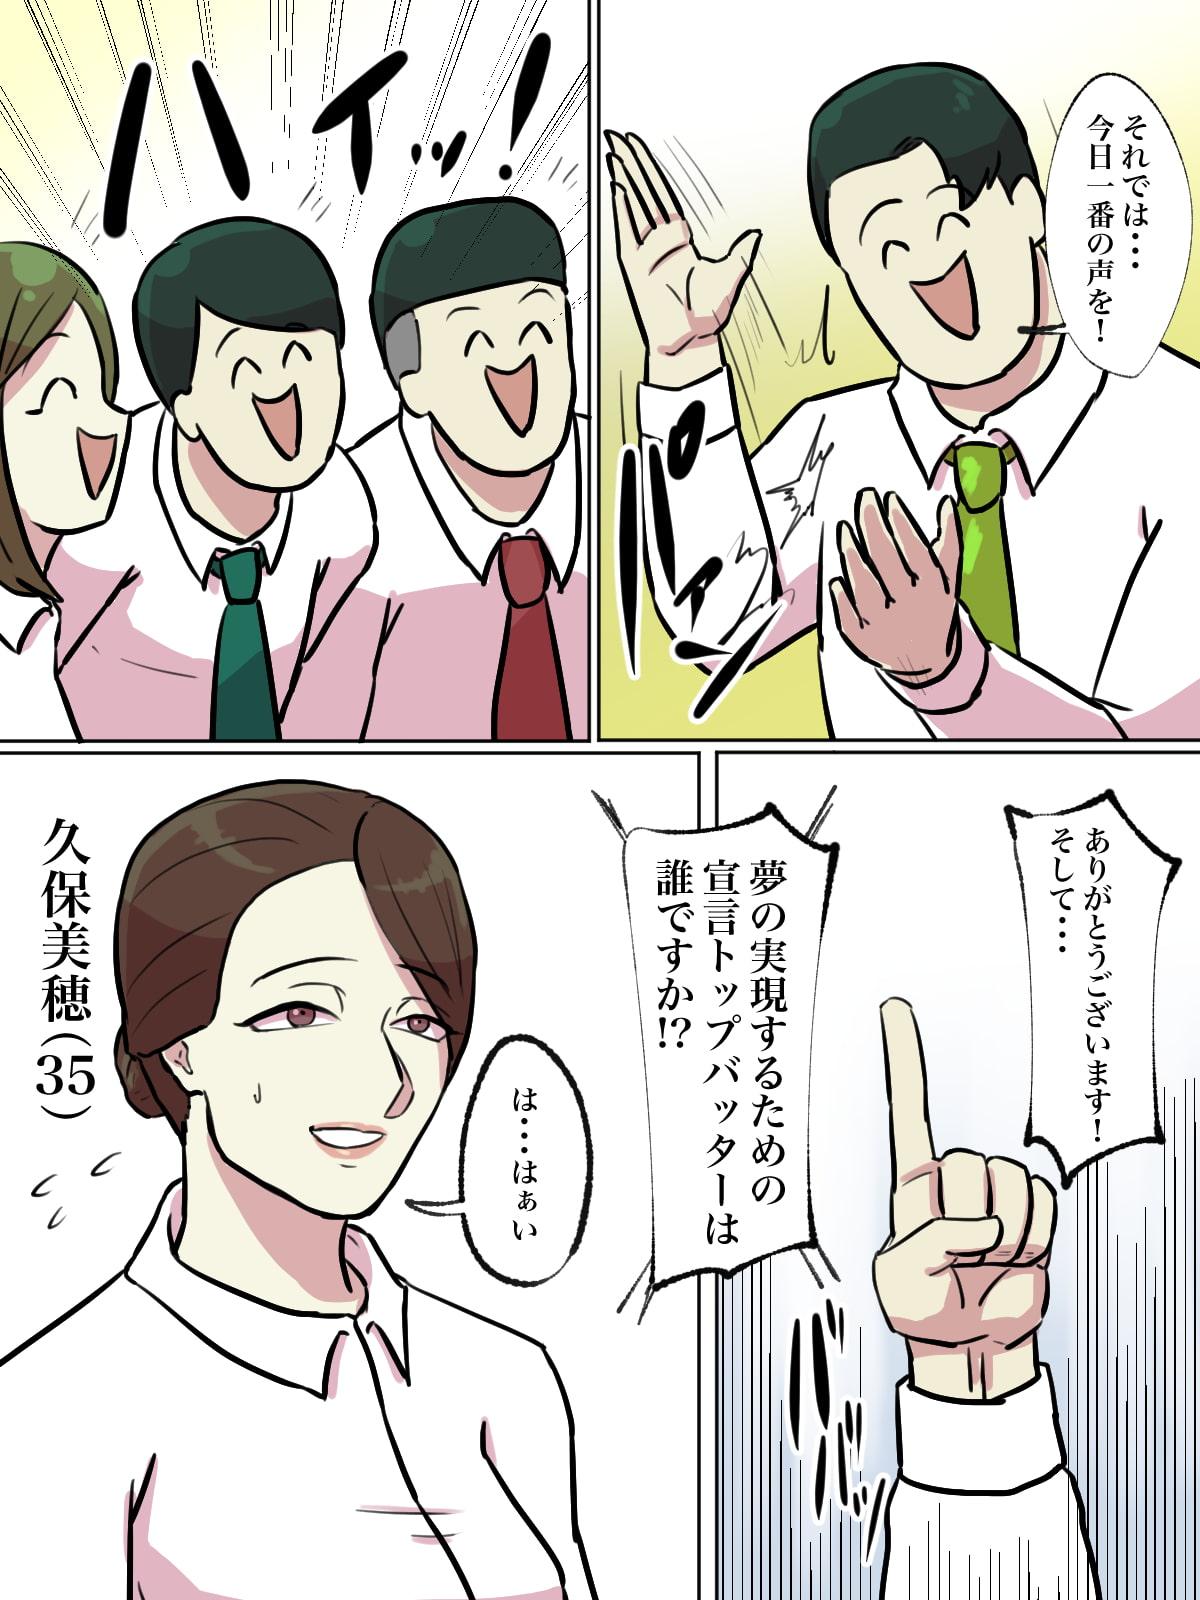 【フルカラー版】会社の本気朝礼が正気じゃない